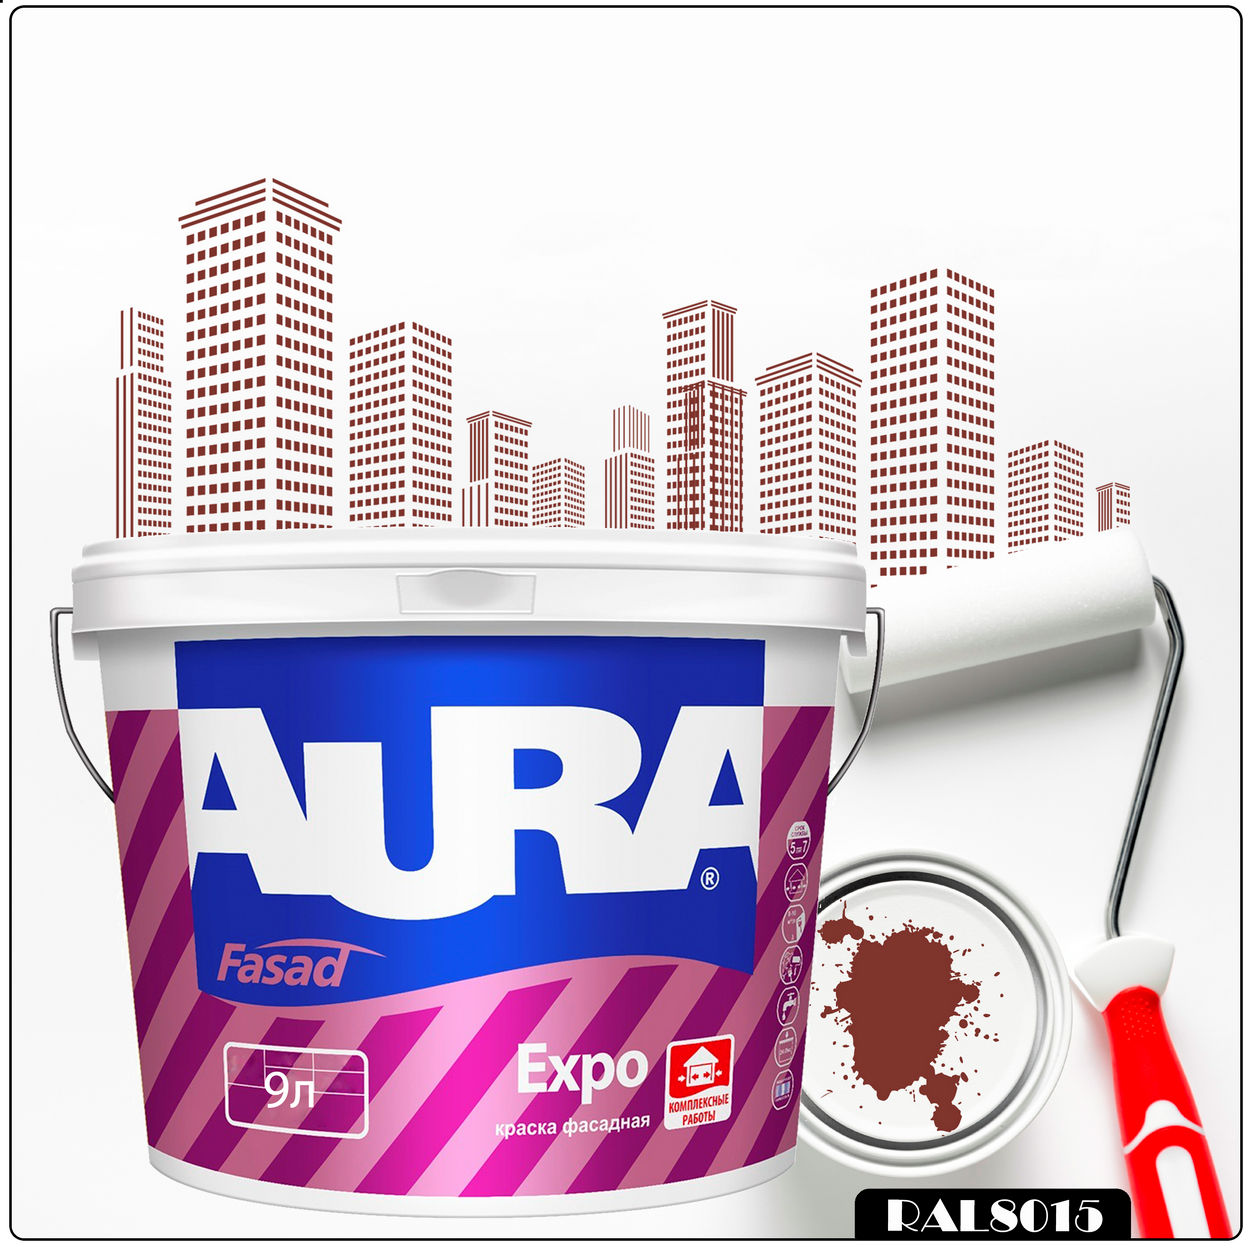 Фото 11 - Краска Aura Fasad Expo, RAL 8015 Коричневый-каштан, матовая, для фасадов и помещений с повышенной влажностью, 9л.